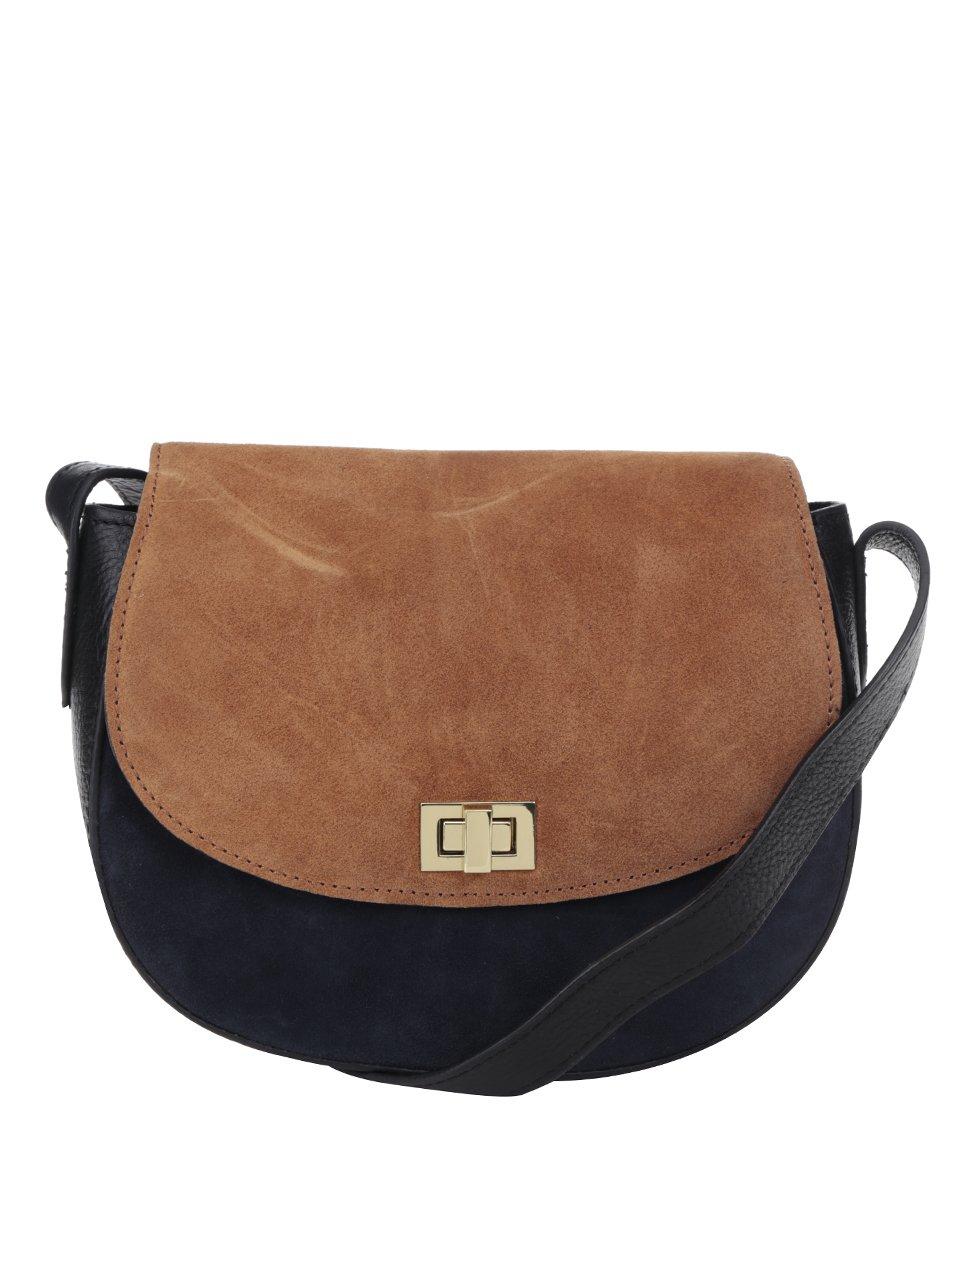 Hnědo-černá kožená crossbody kabelka se semišovými detaily Pieces Jolo